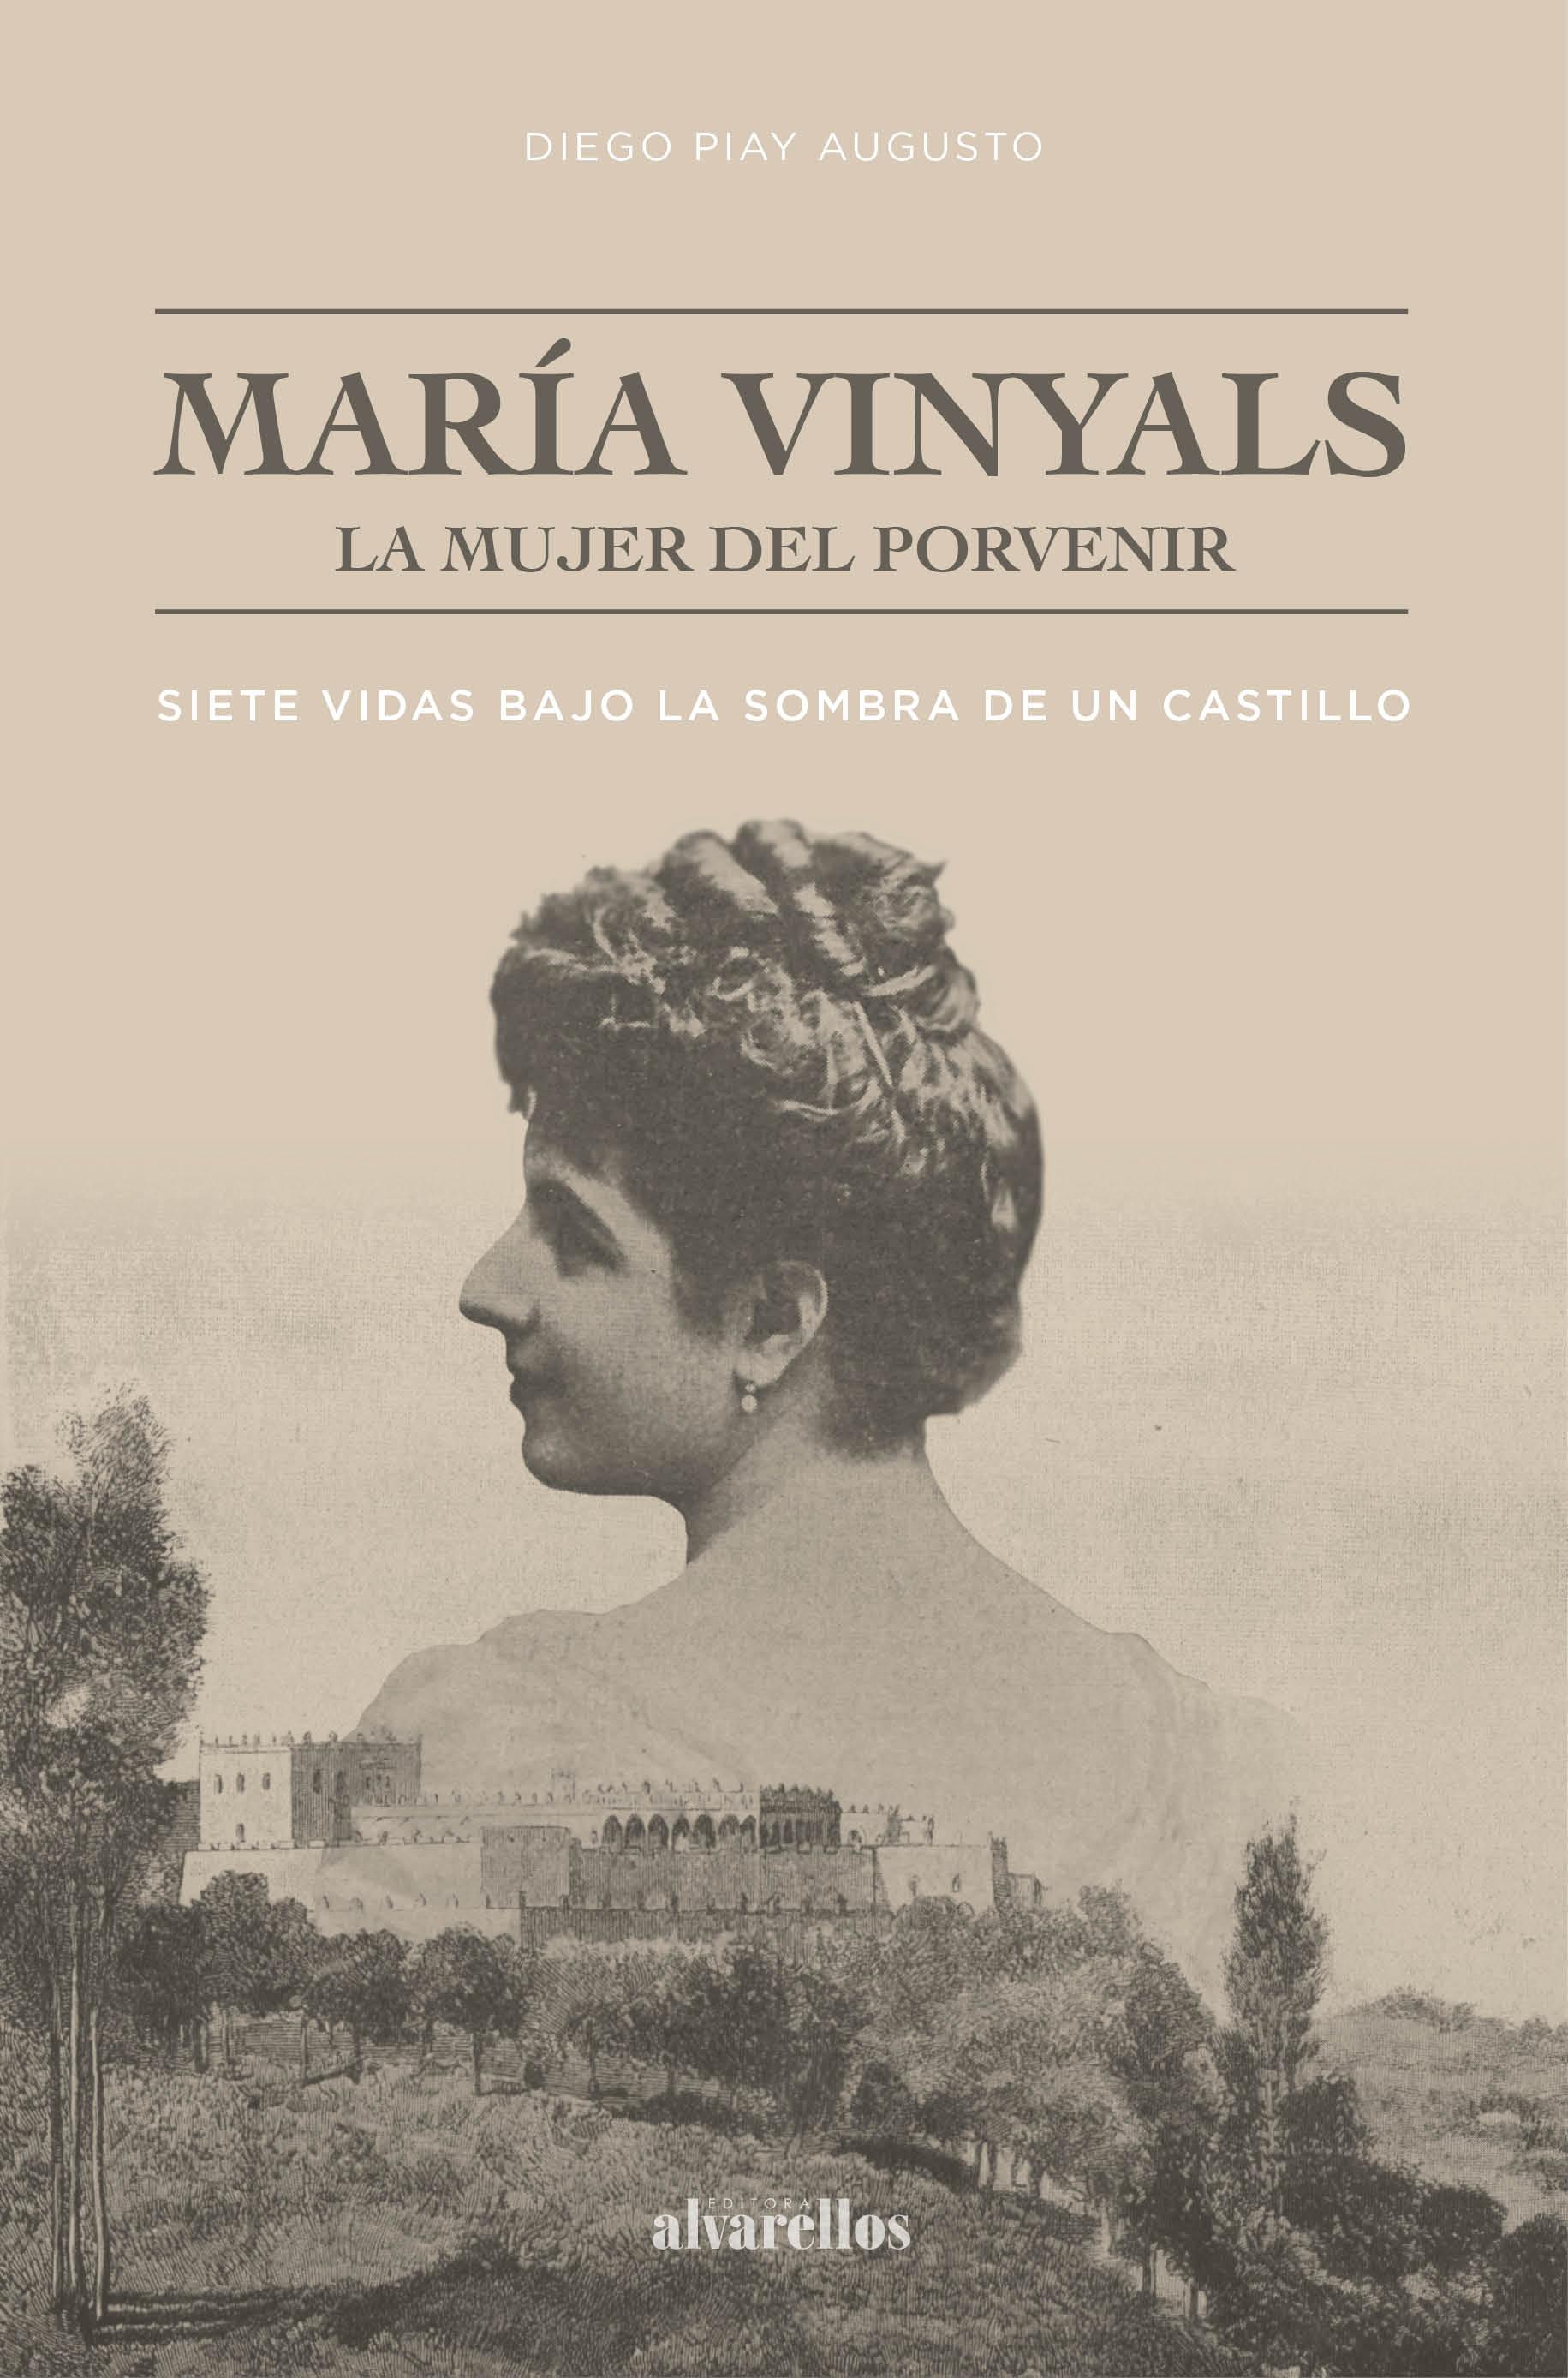 MARÍA VINYALS, LA MUJER DEL PORVENIR   «Siete vidas bajo la sombra de un castillo»